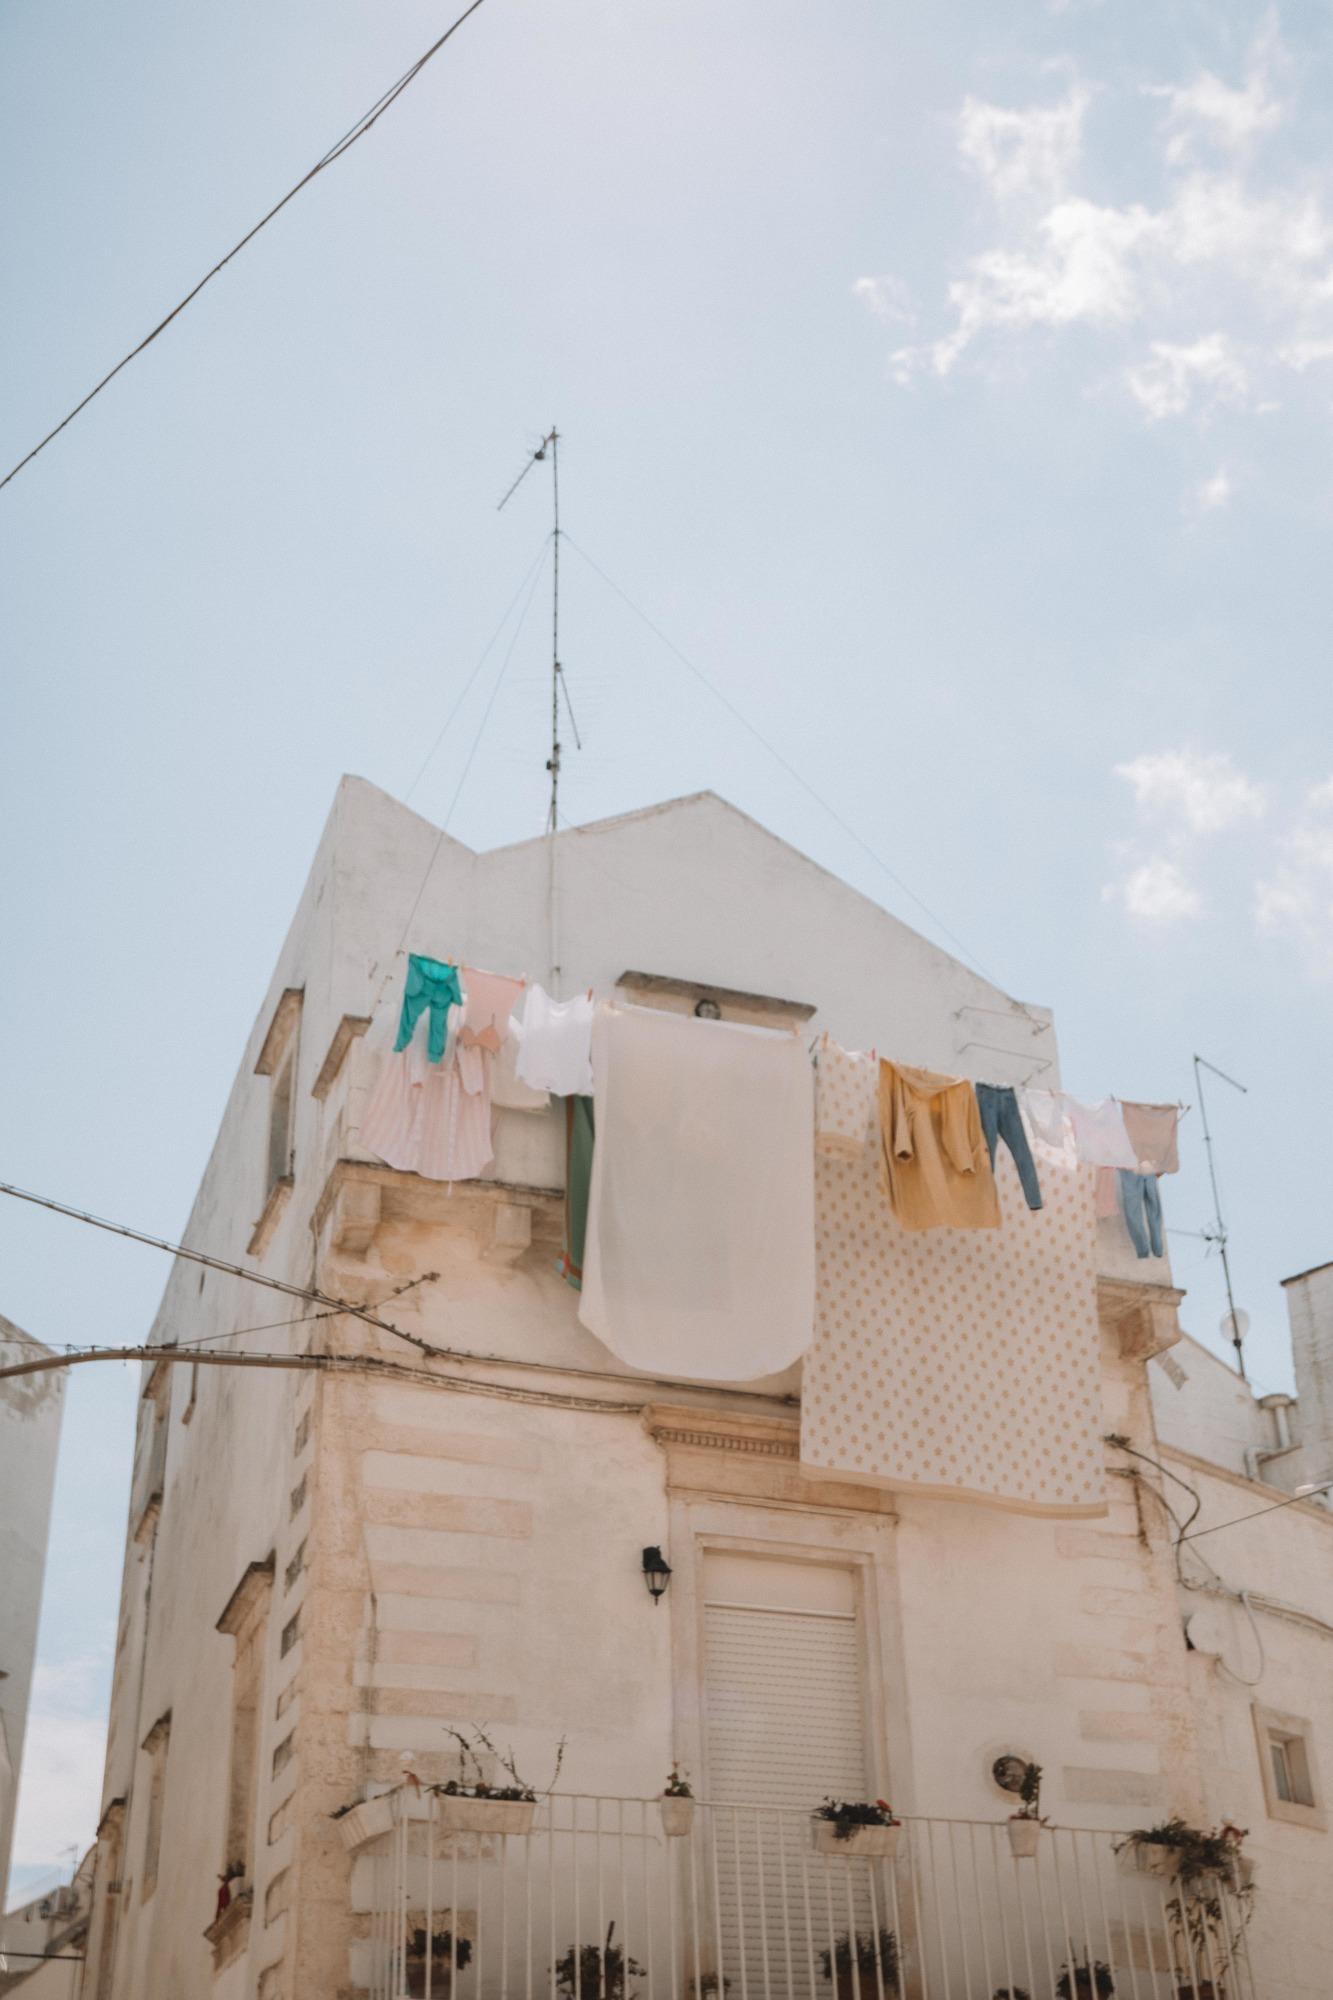 Voyage dans les Pouilles en Italie - Blondie Baby blog voyages